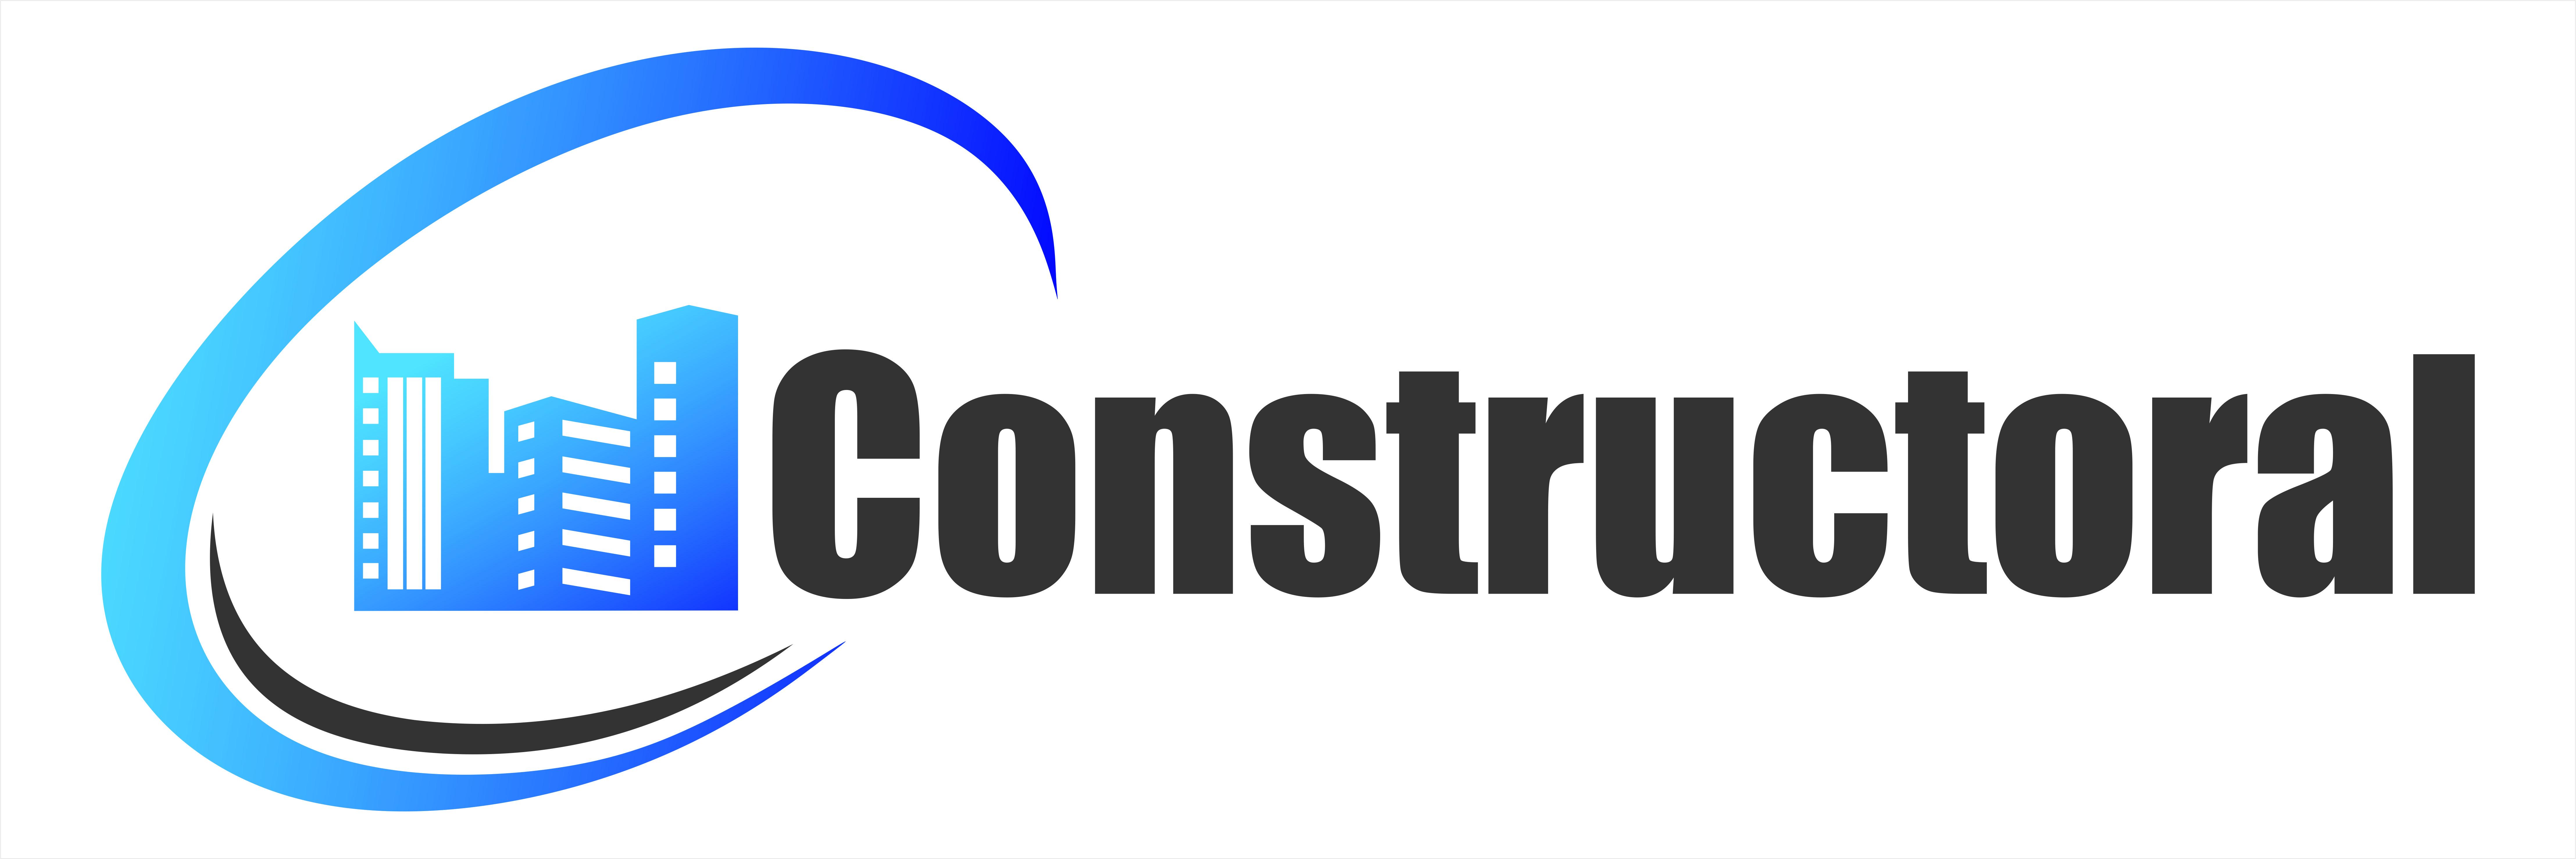 Constructoral